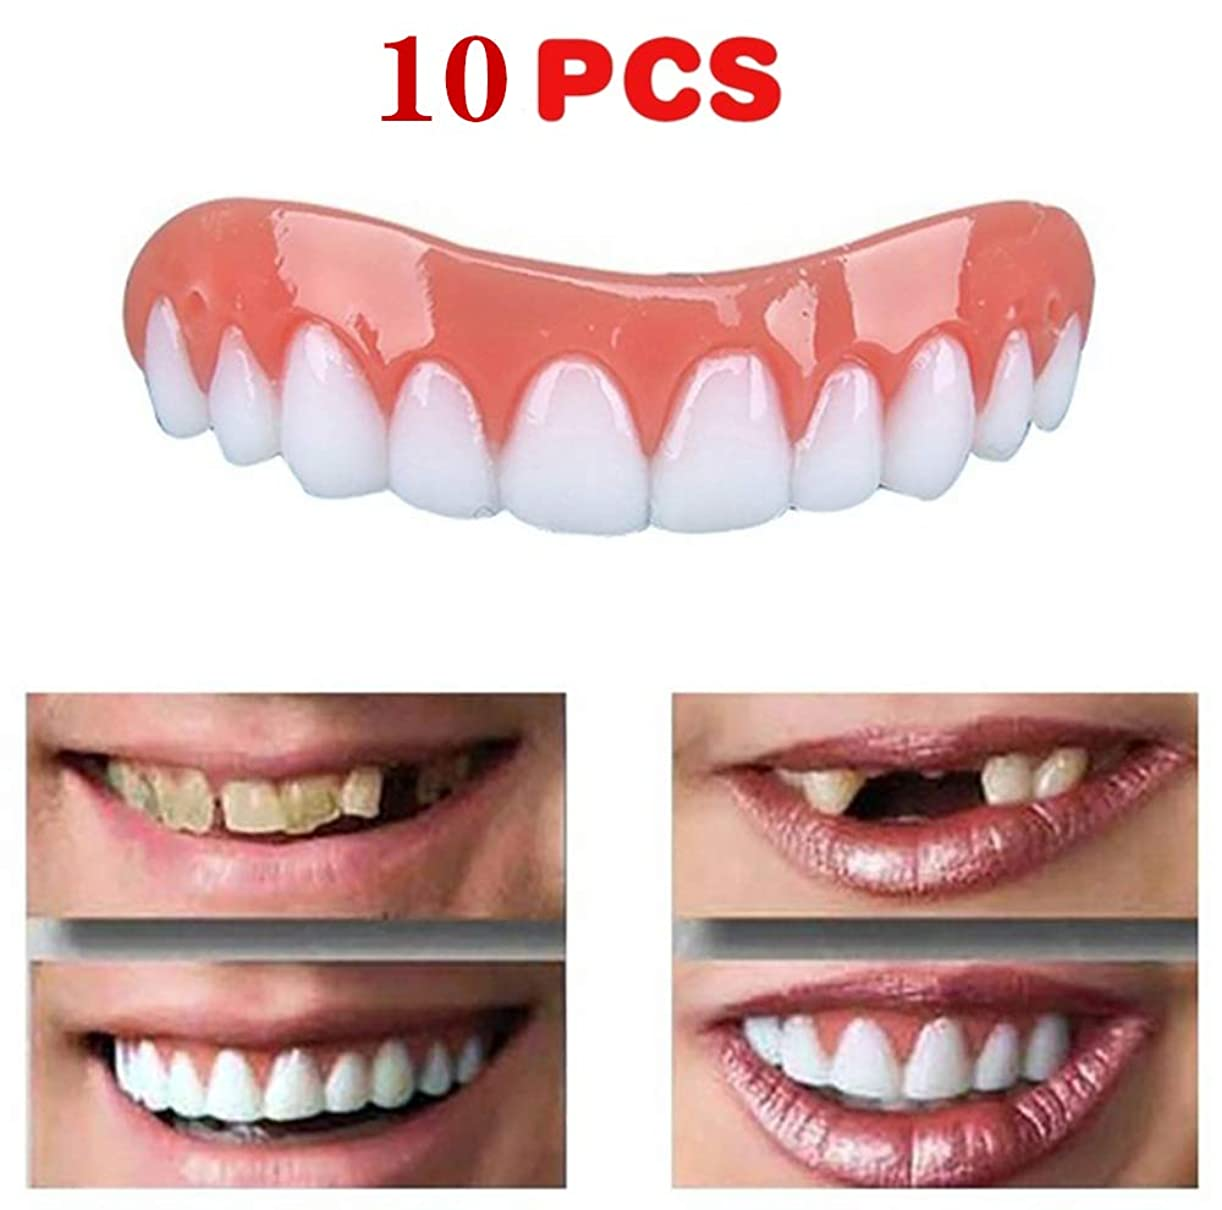 先見の明花輪振幅10ピース新しい再利用可能な大人のスナップオンパーフェクトスマイルホワイトニング義歯フィットフレックス化粧品歯快適な突き板カバーデンタルケアアクセサリー